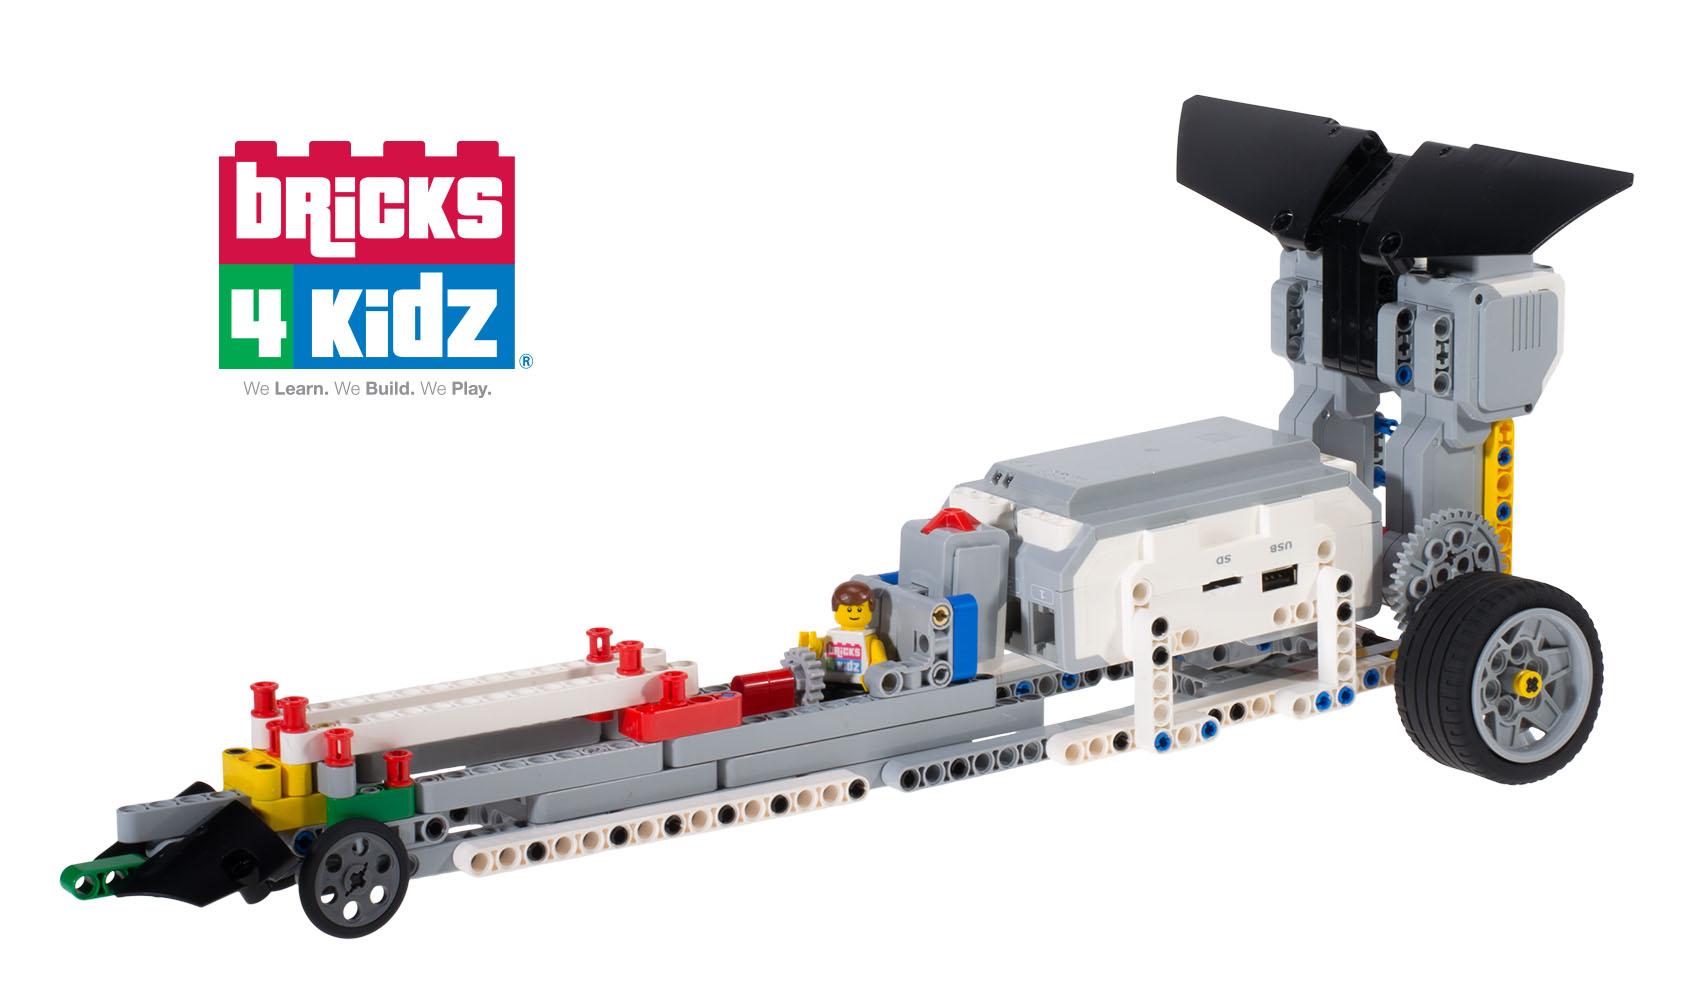 Bricks 4 Kidz Melbourne LEGO Parties And Activities